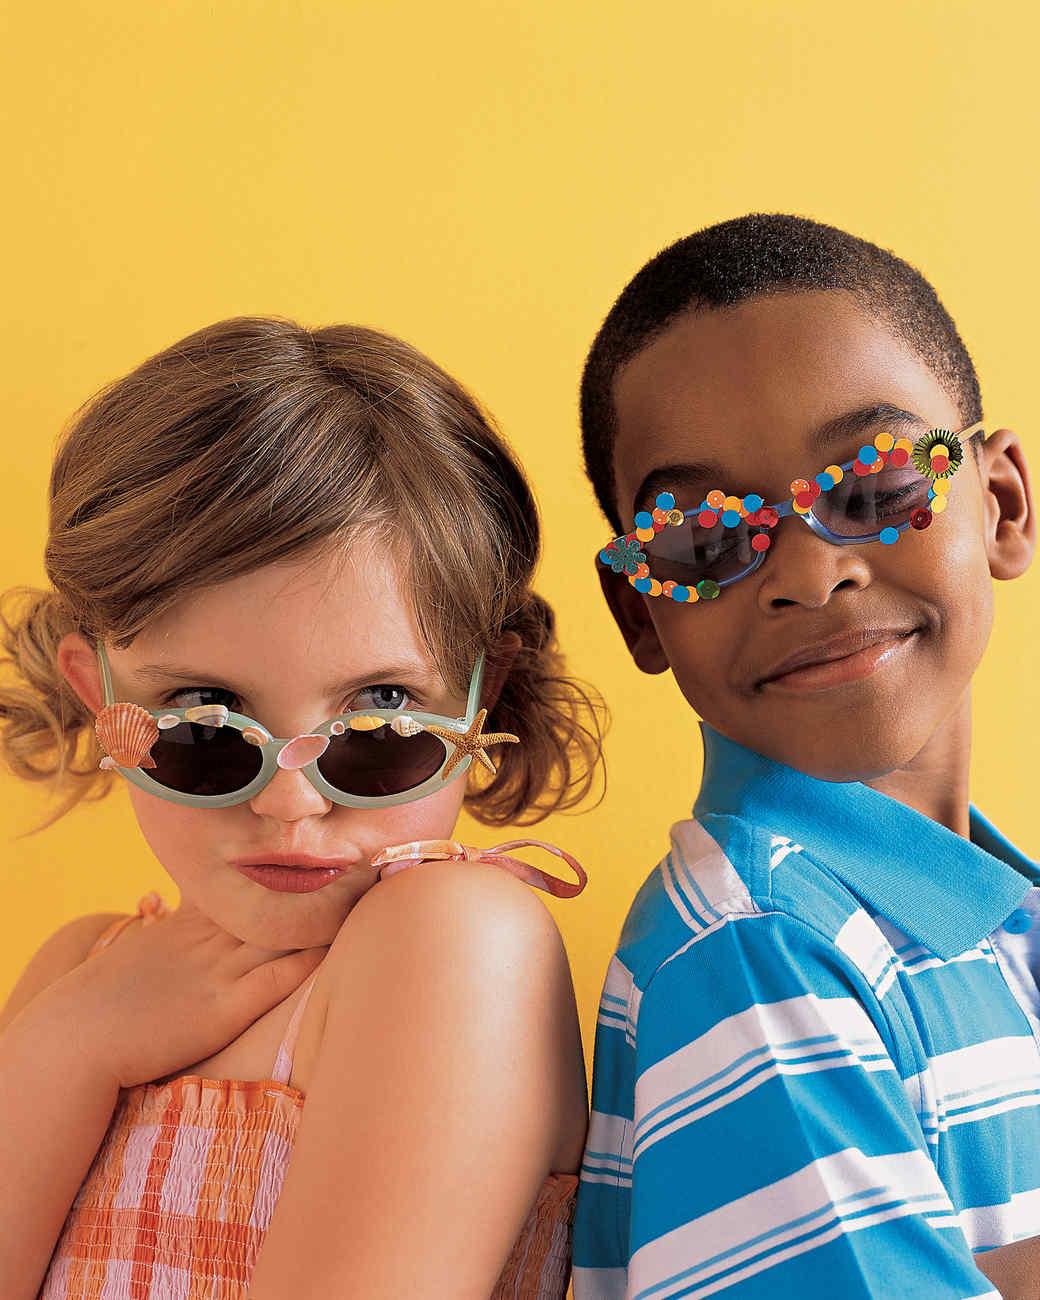 0206_kids_gtfancyshades.jpg